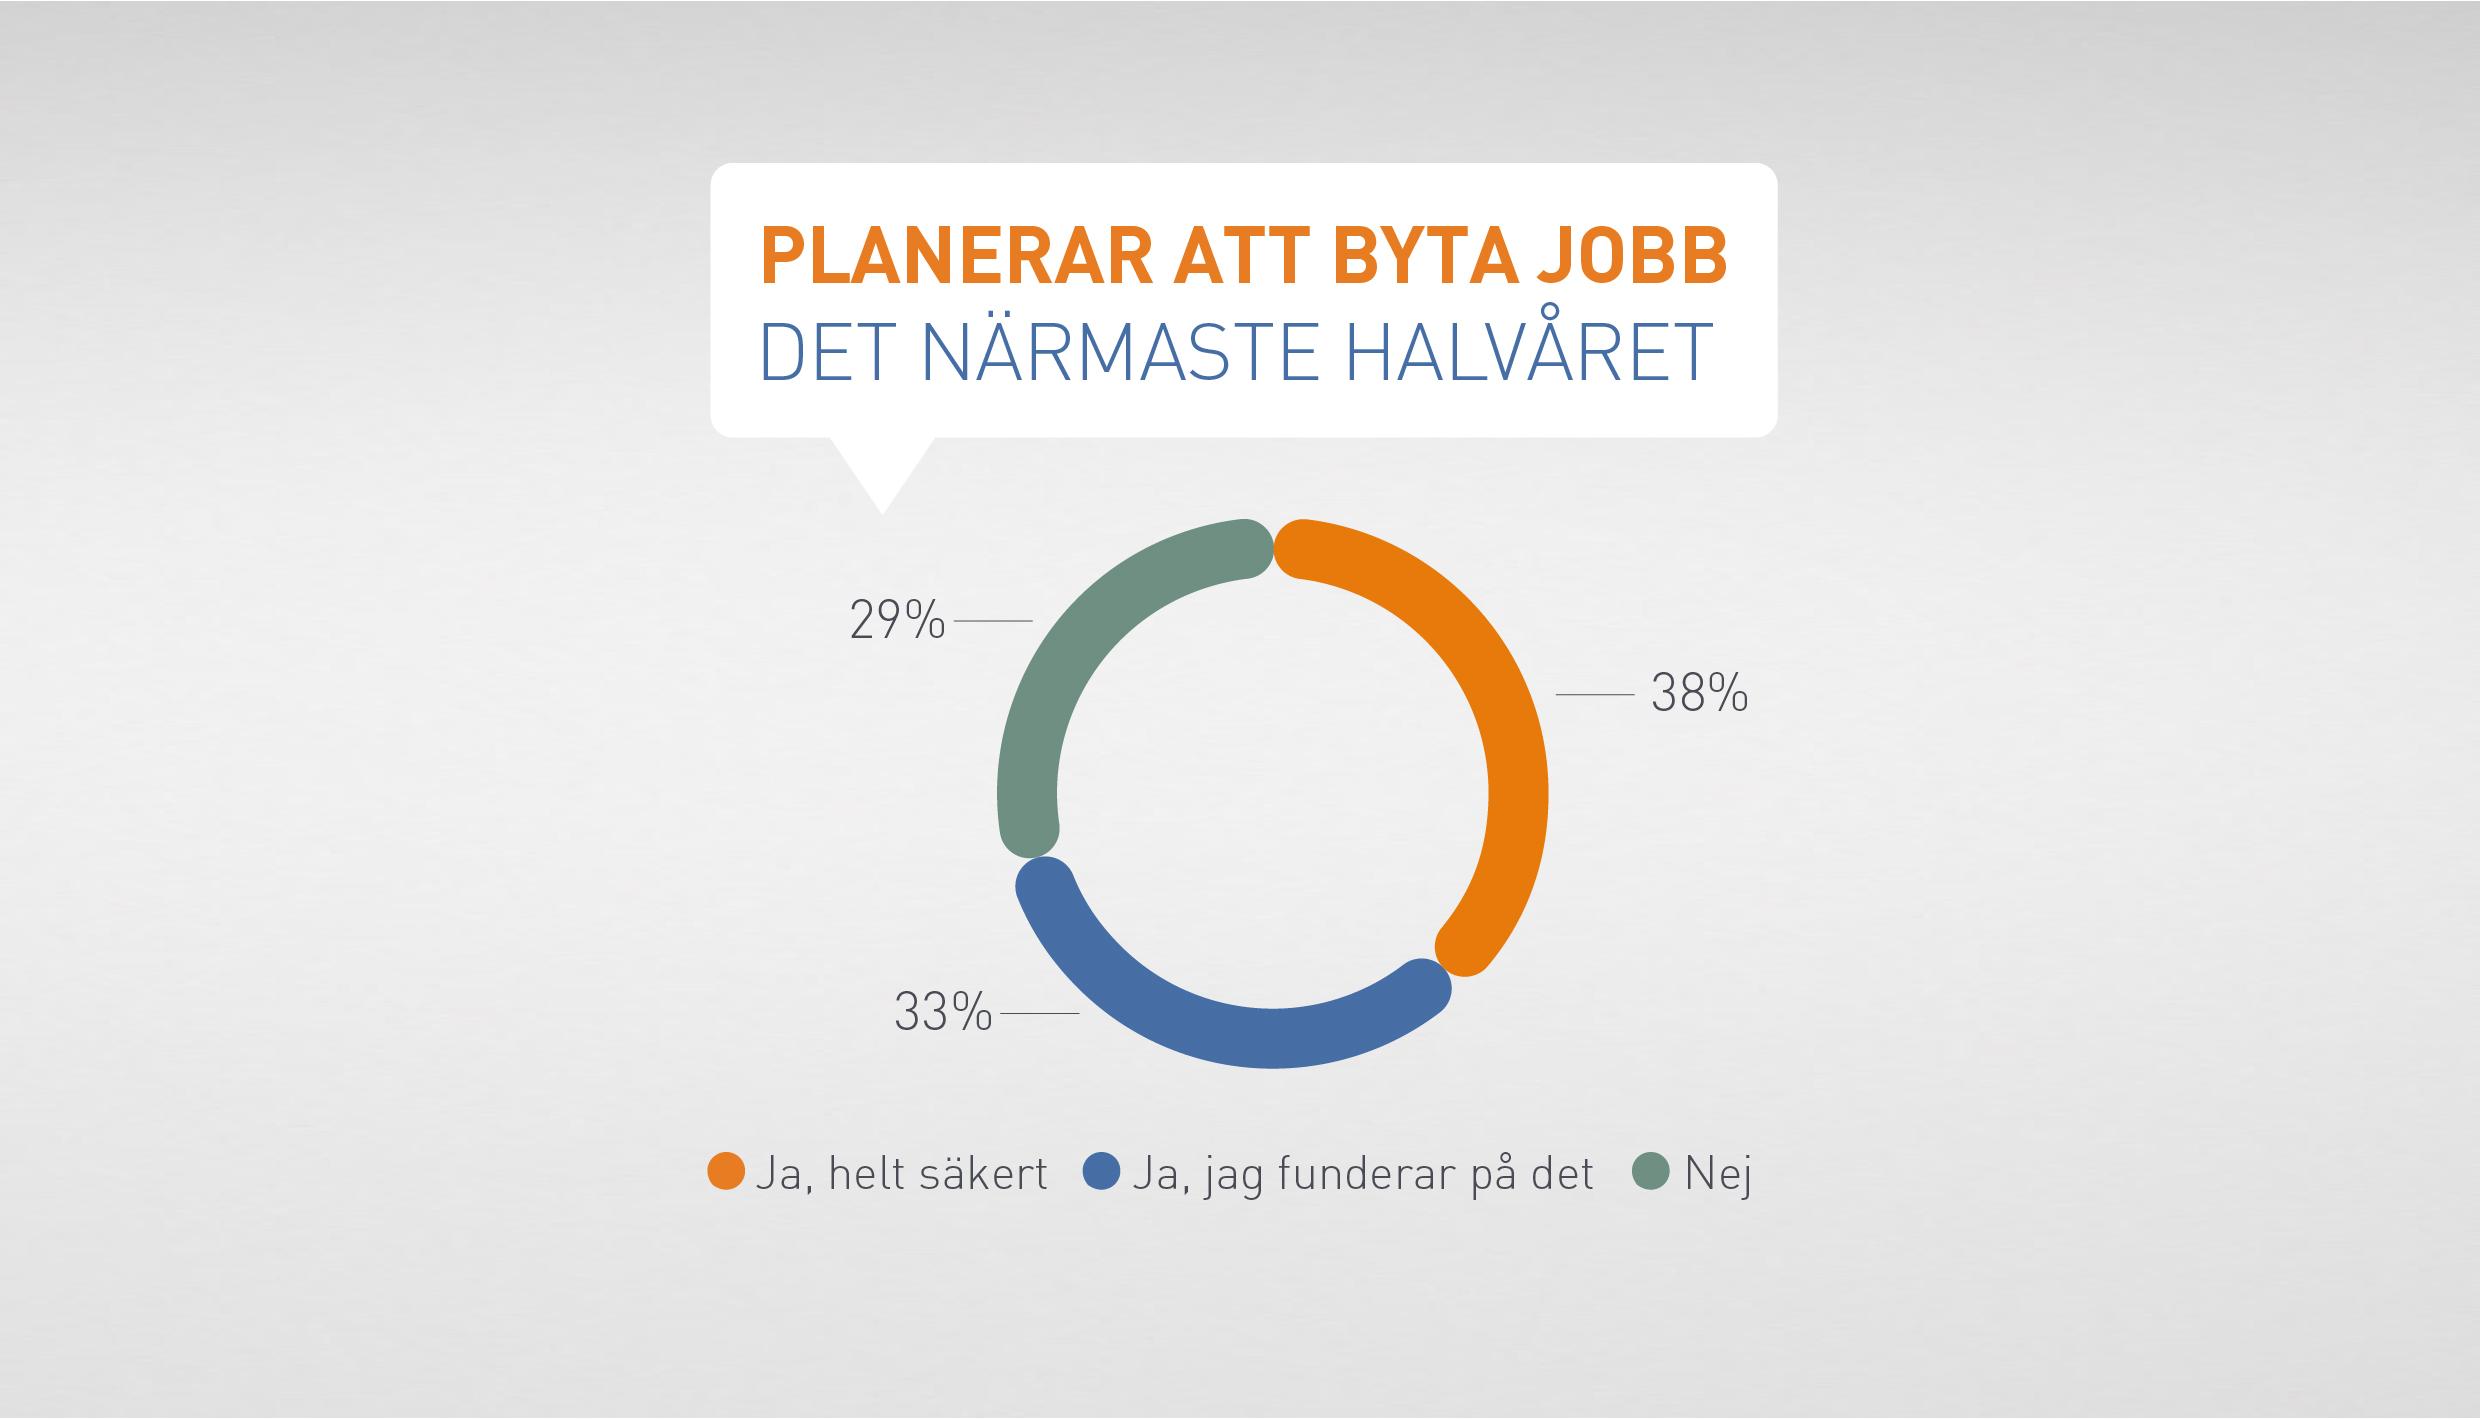 Planerar att byta jobb